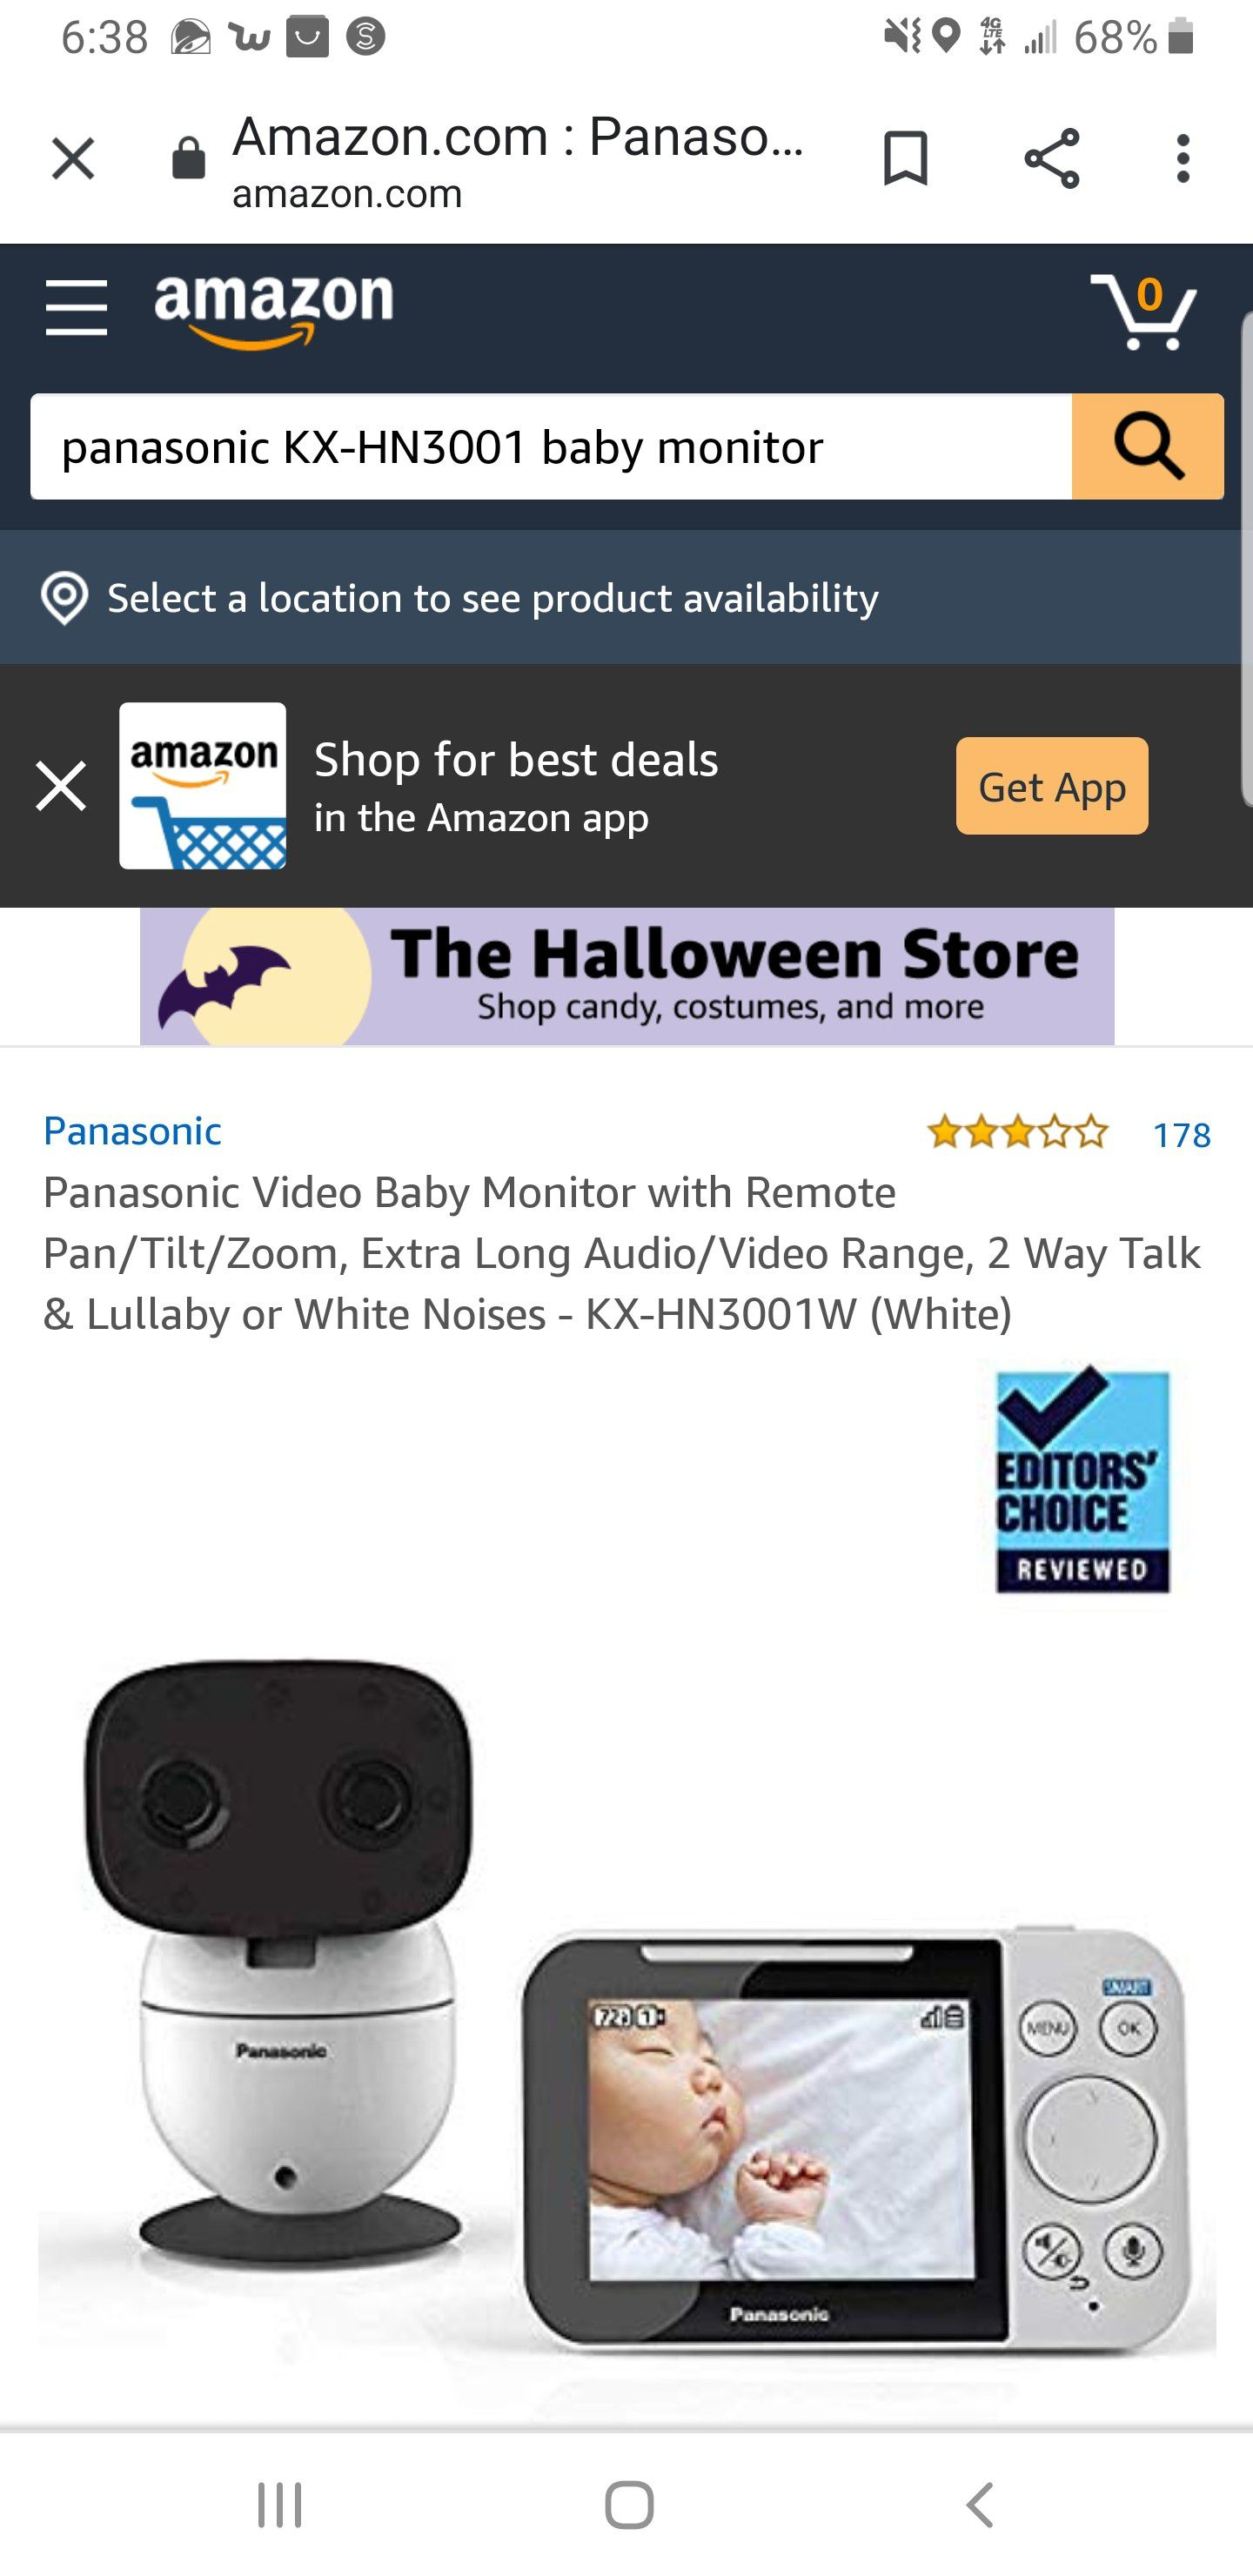 Panasonic KX-HN3001 Baby Monitor